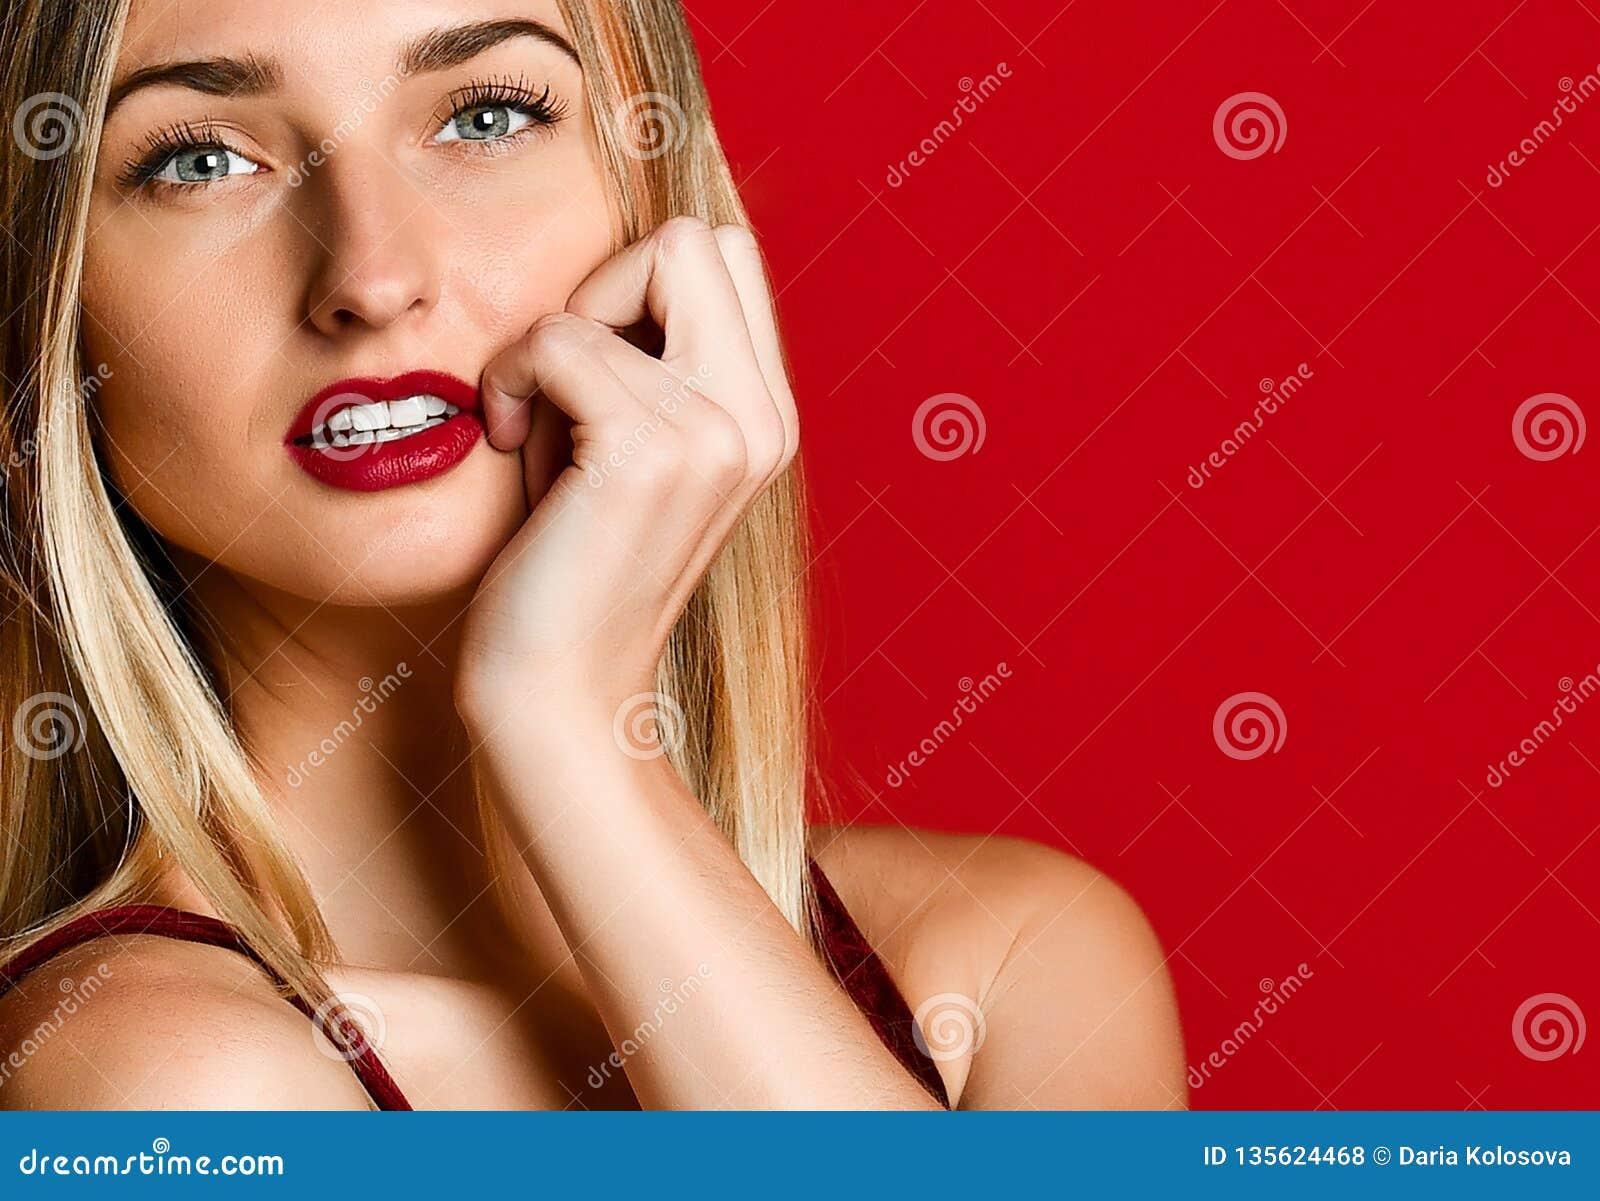 Fille modèle de femmes sexy dans la Saint-Valentin d amour avec lèvres rouges stupéfiant les yeux bleus étonnants